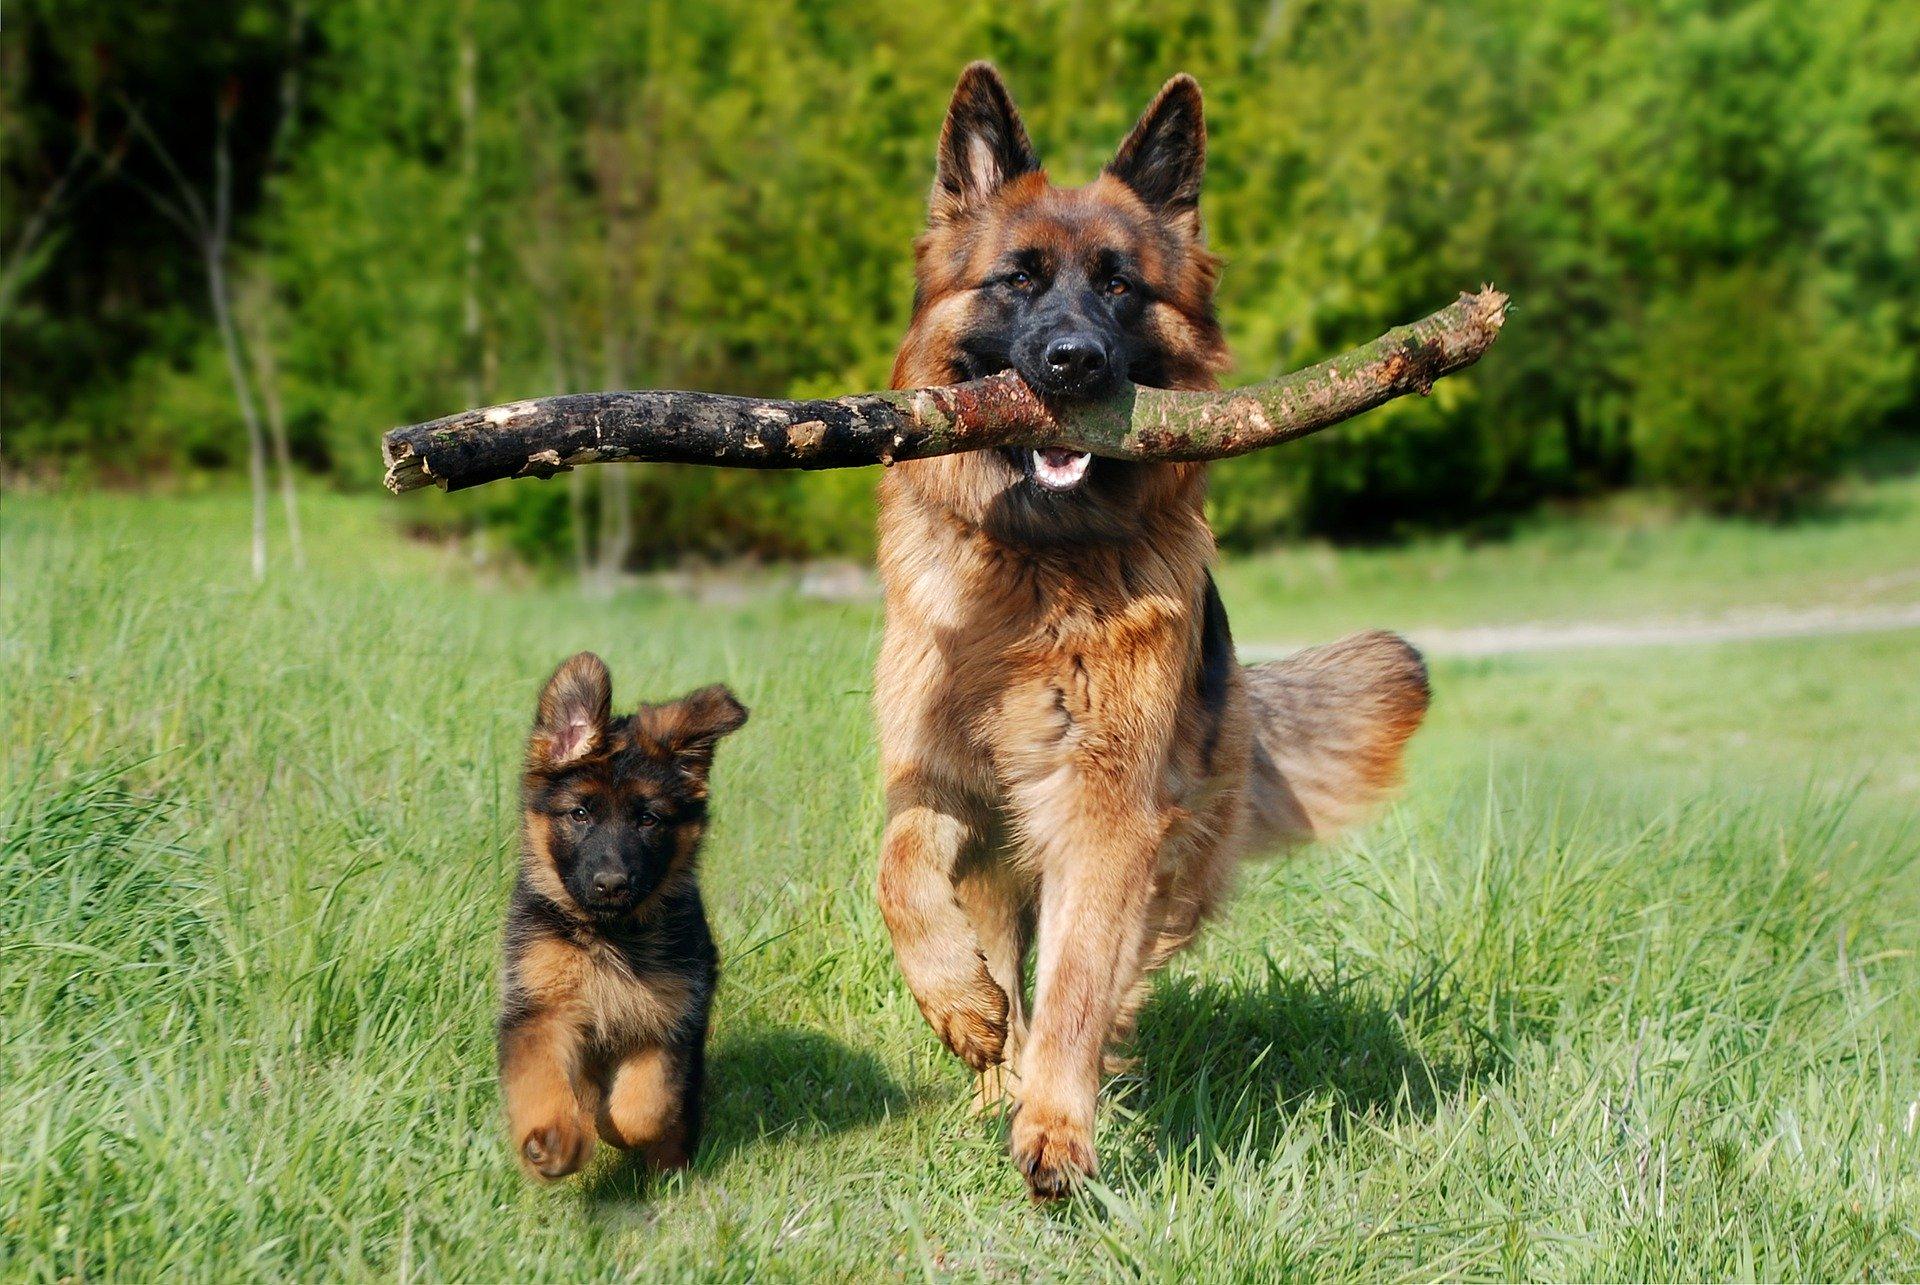 La castración en perras tiene inconvenientes